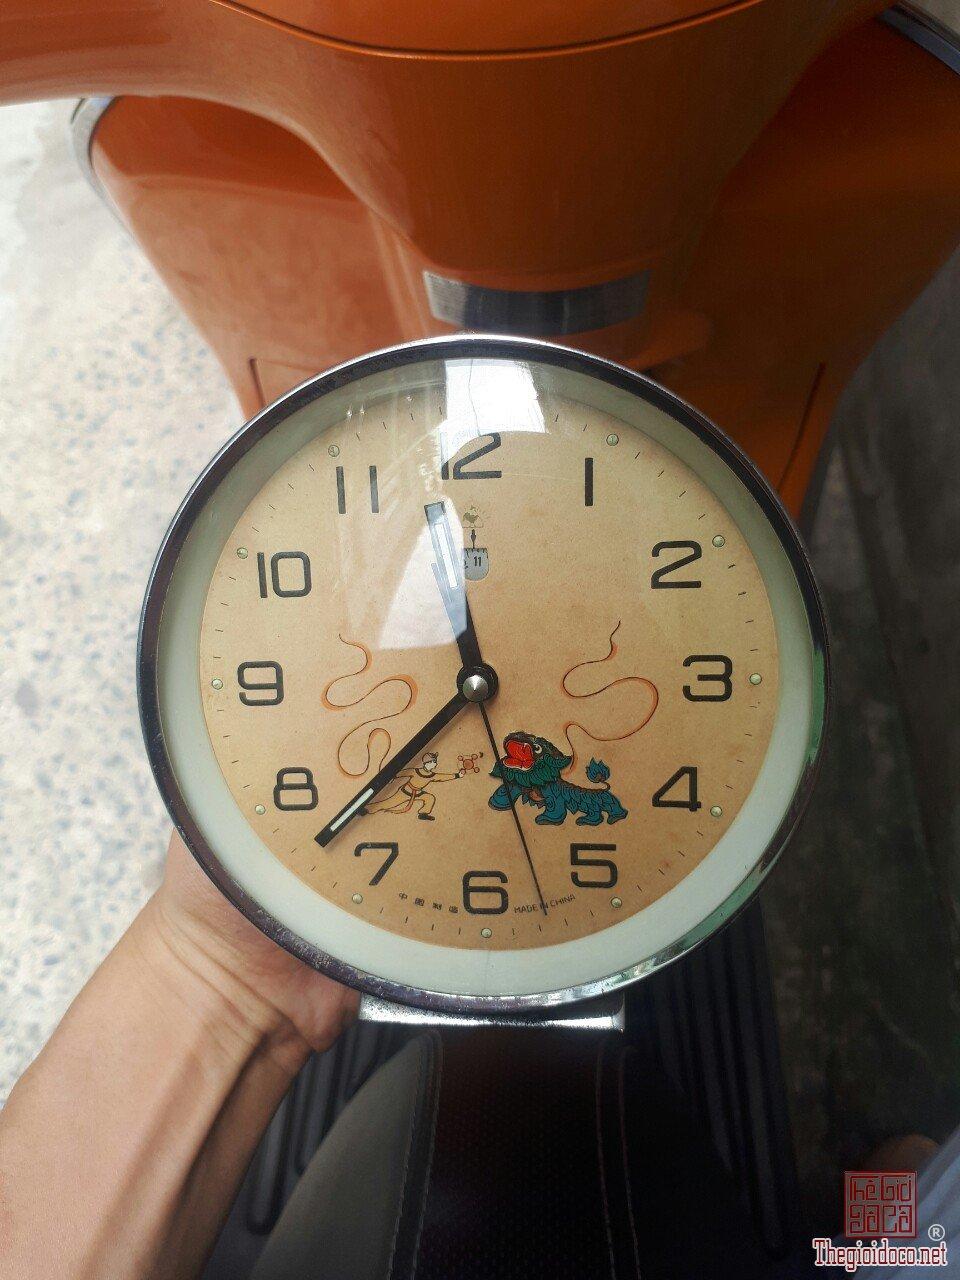 đồng hồ múa lân xưa